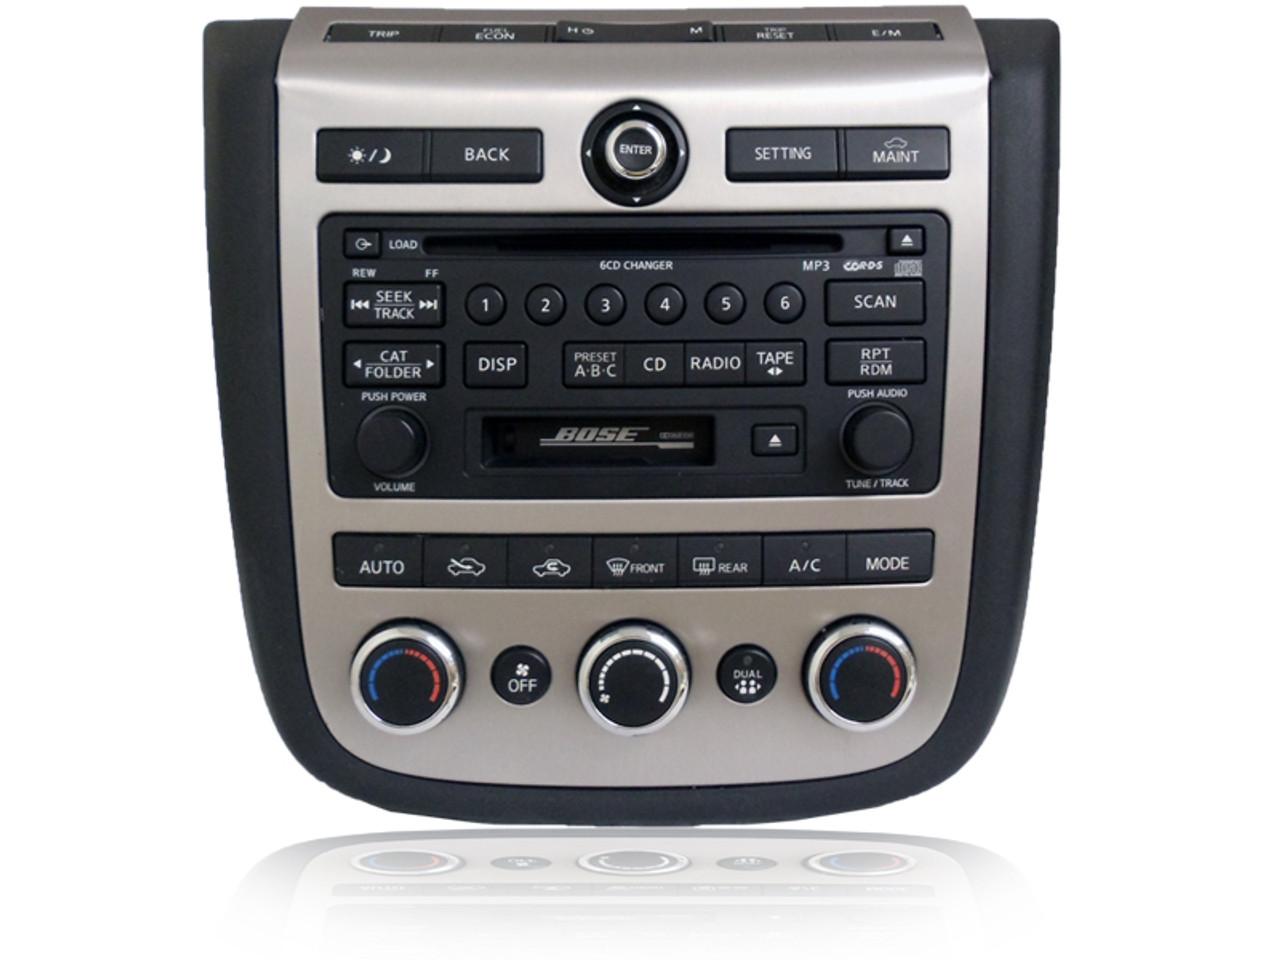 2006 2007 Nissan Murano Radio Tape Player 6 Disc Cd Changerrhcd4car: 2006 Nissan Murano Radio At Gmaili.net